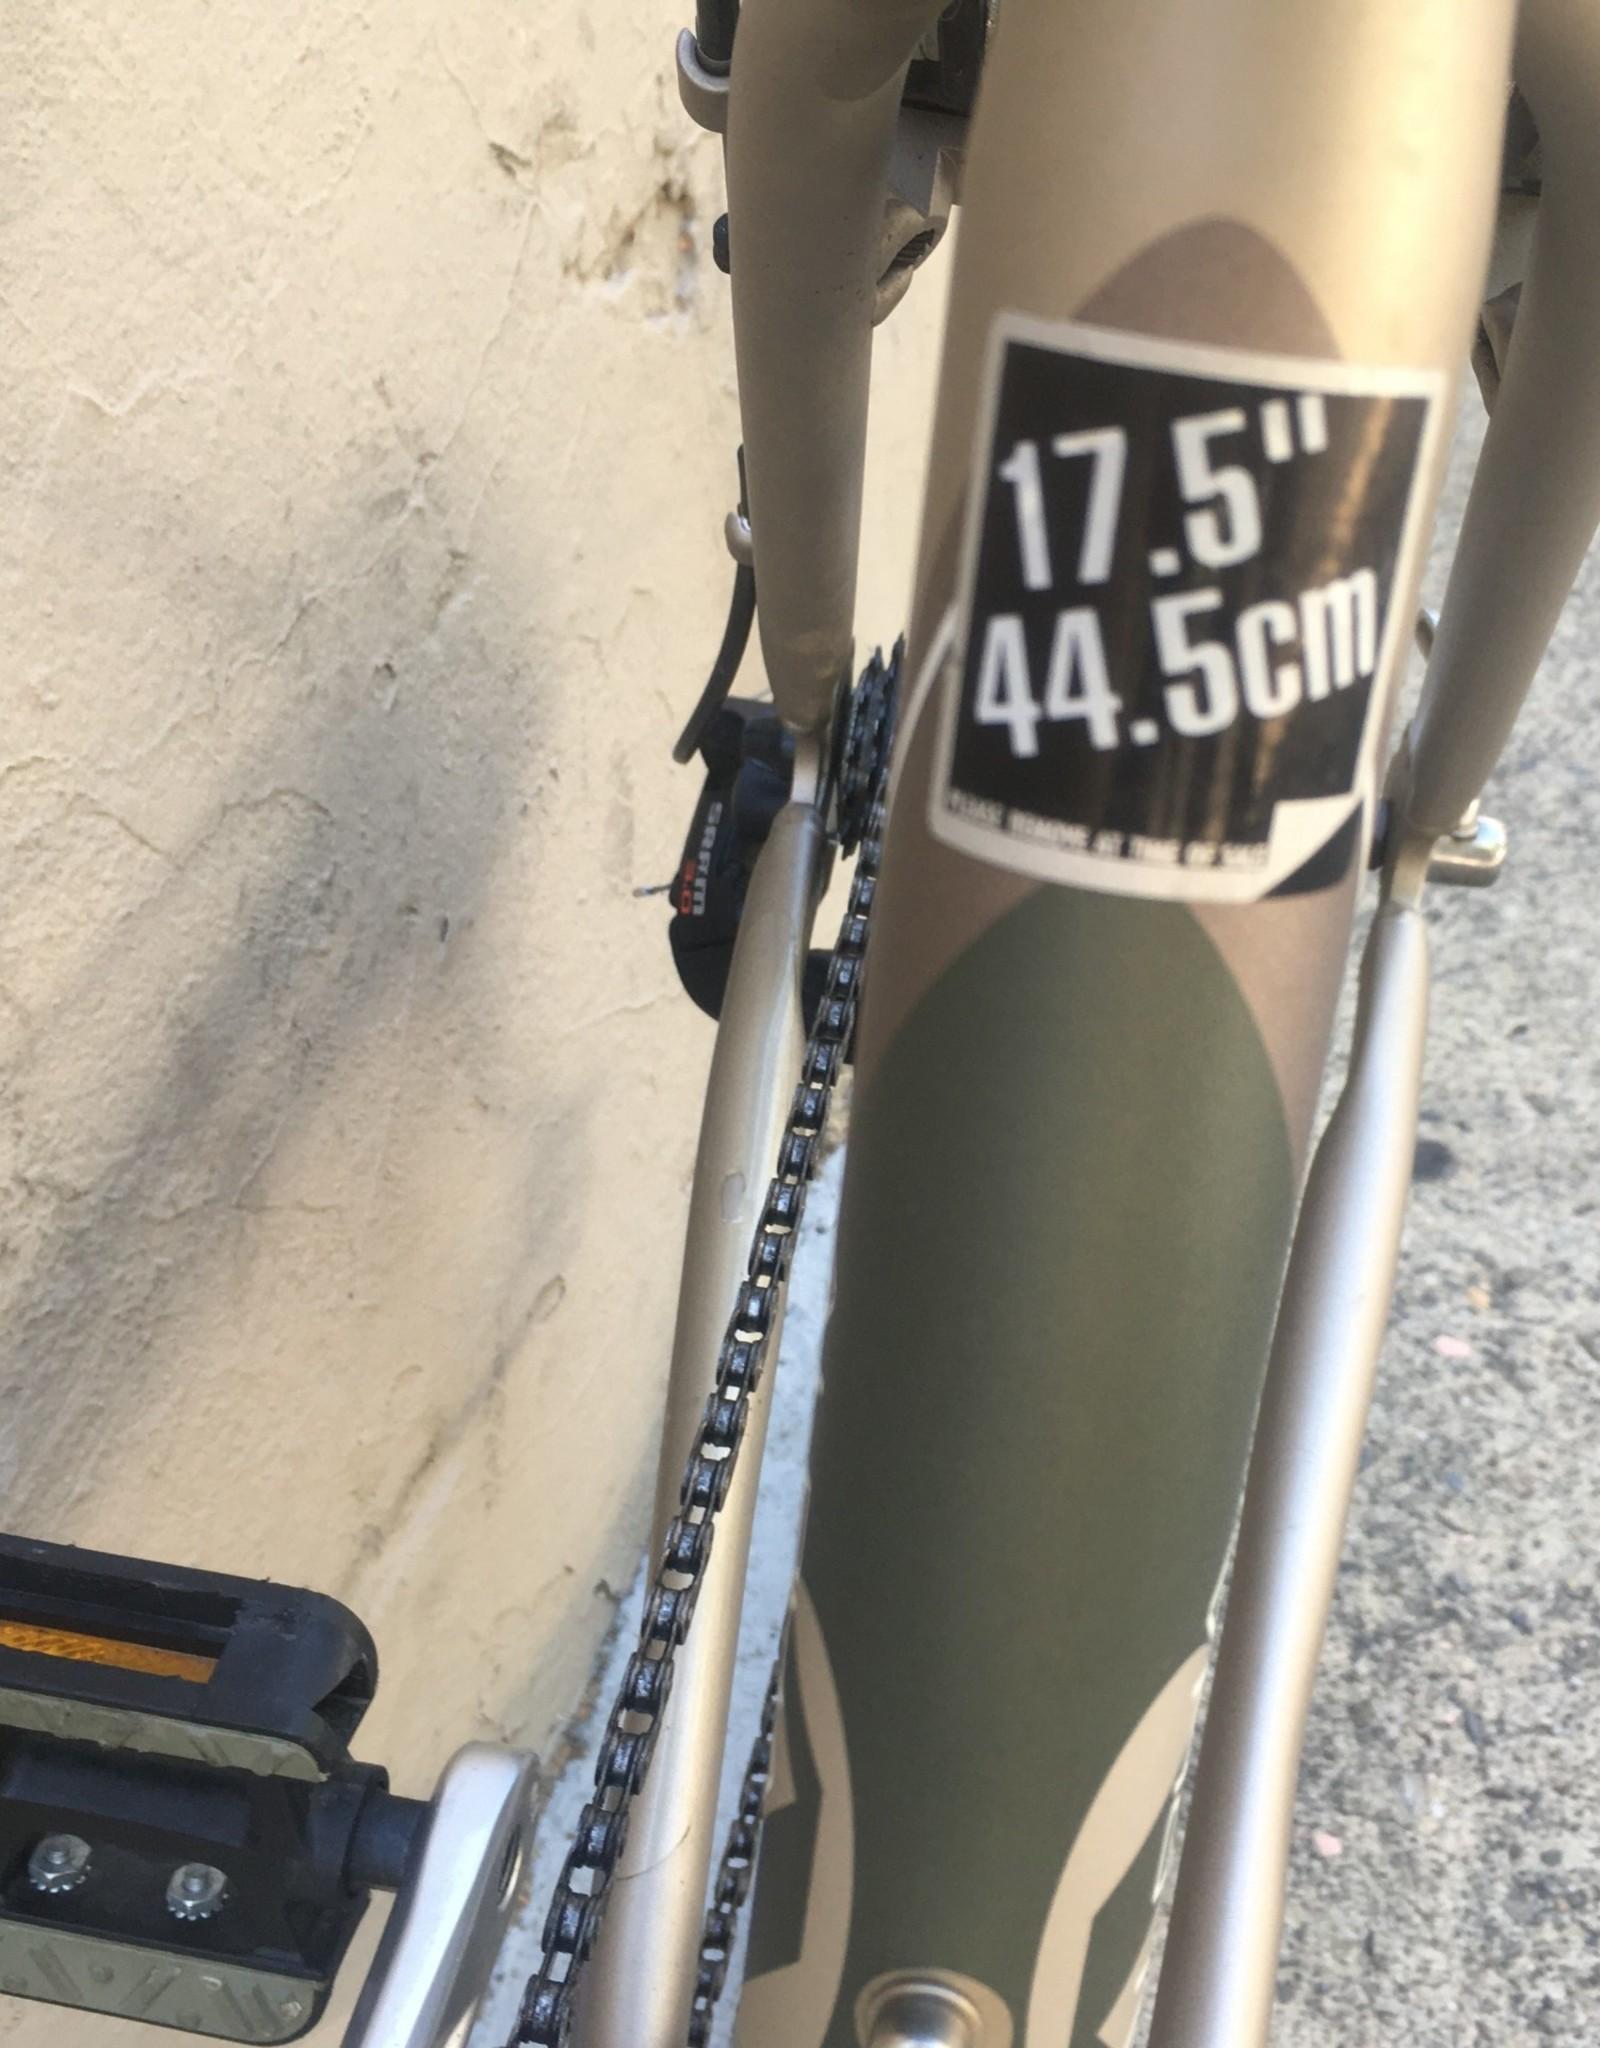 Trek Trek 7100 Multitrack Hybrid 2012, 17.5 Inches, Green/Metallic Sand